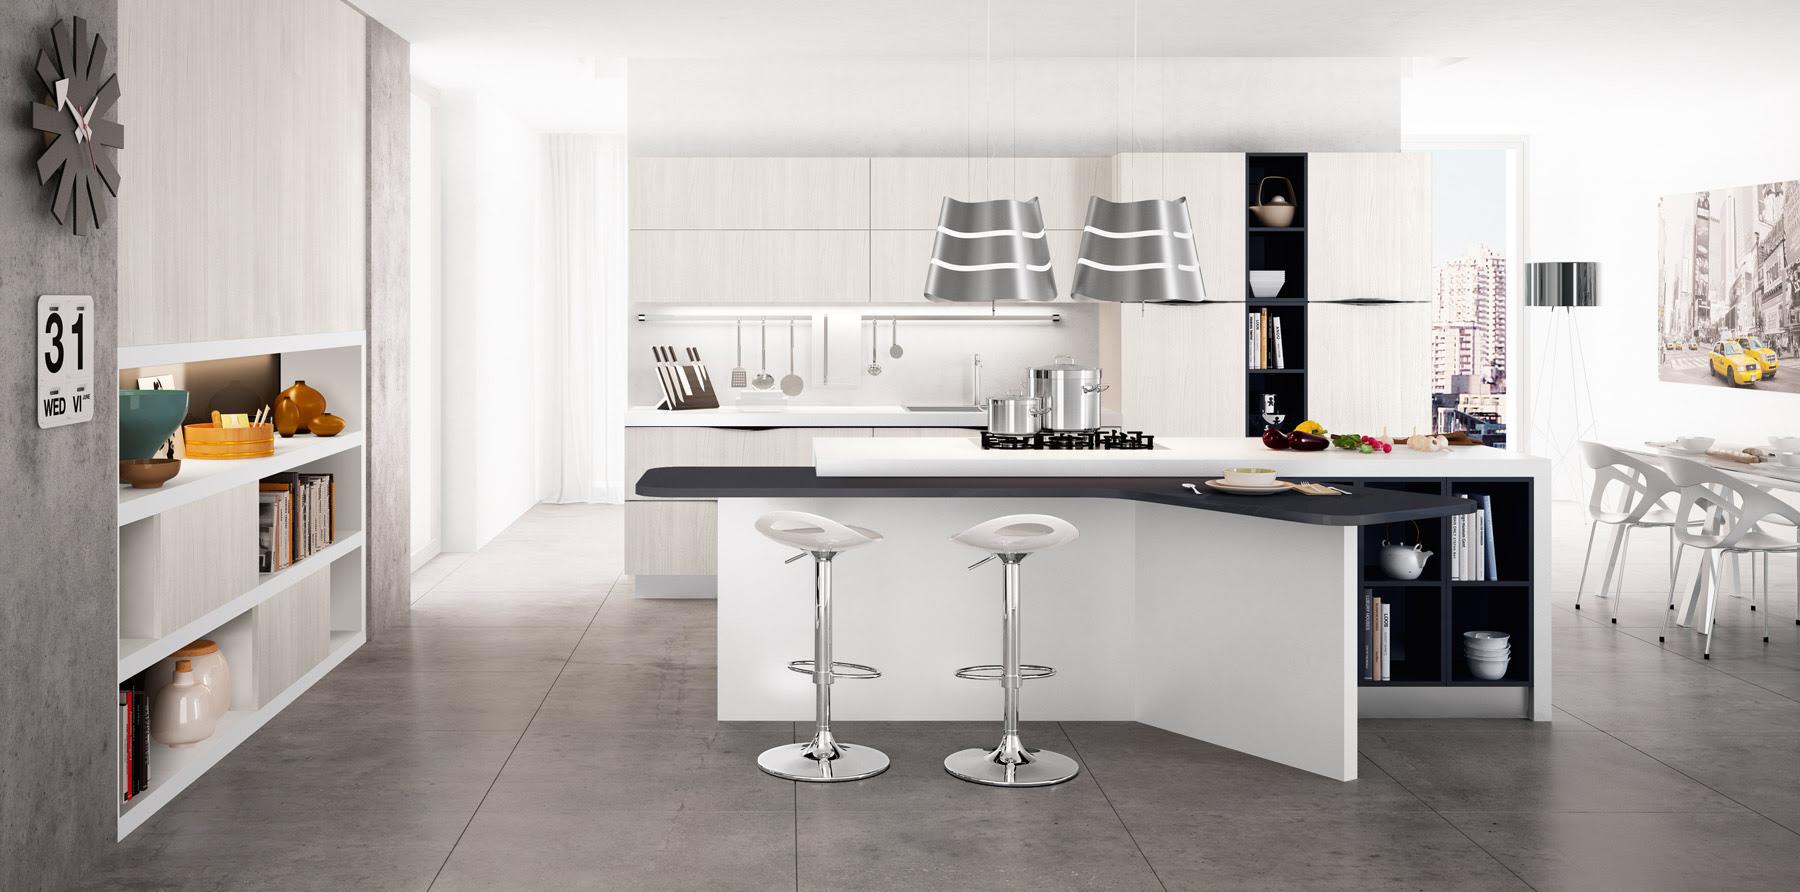 Modern kitchen | Interior Design Ideas.